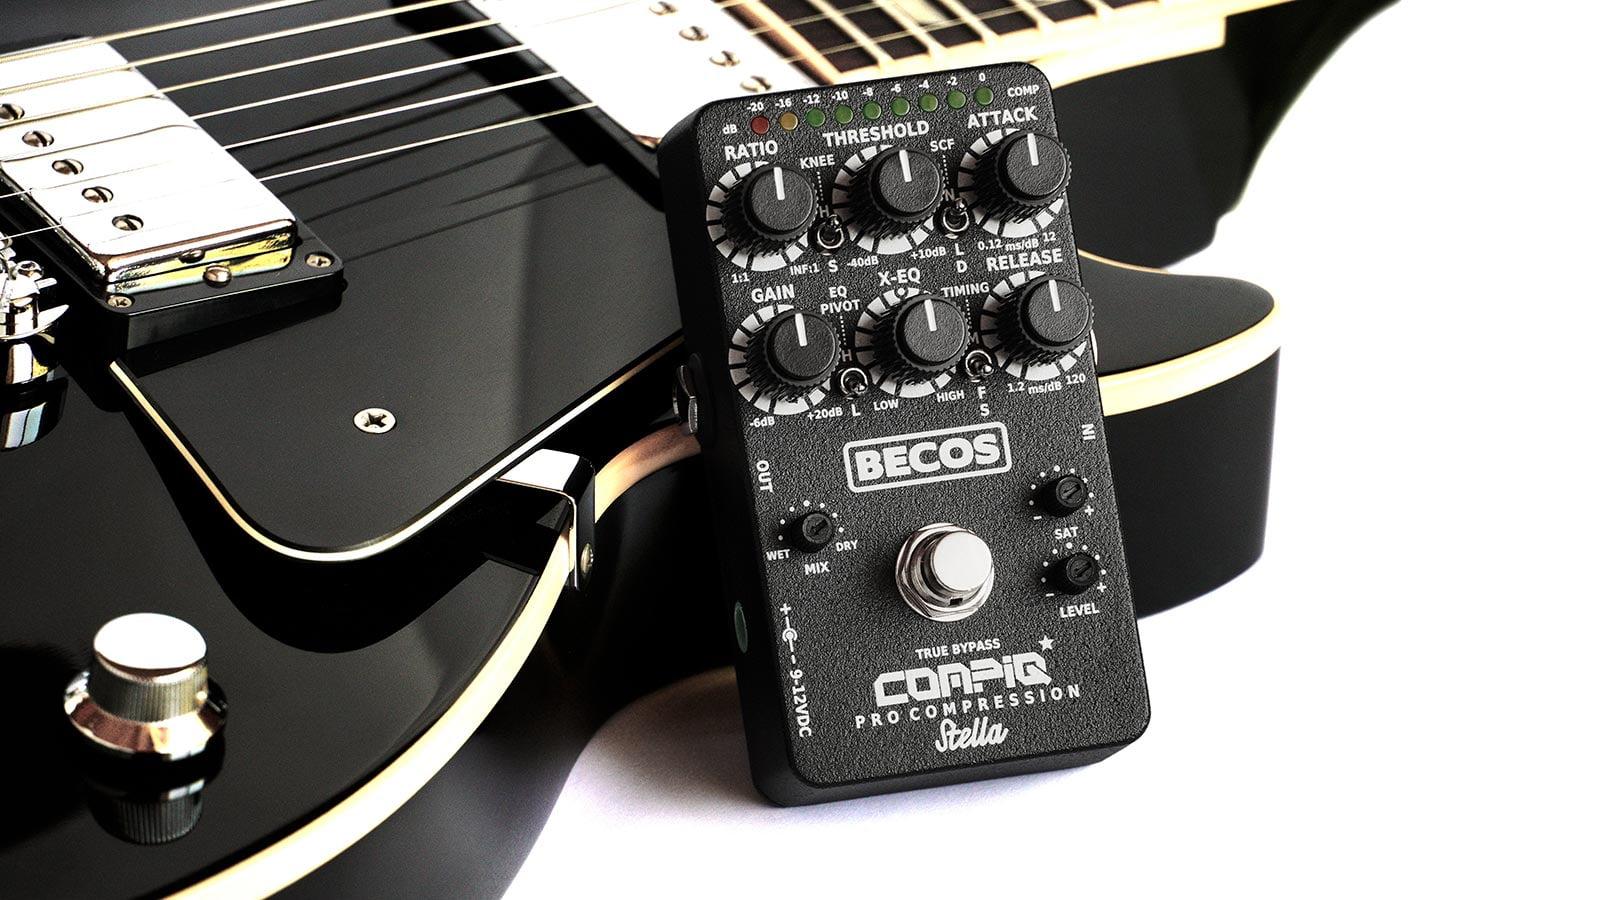 CompIQ STELLA Pro Compressor